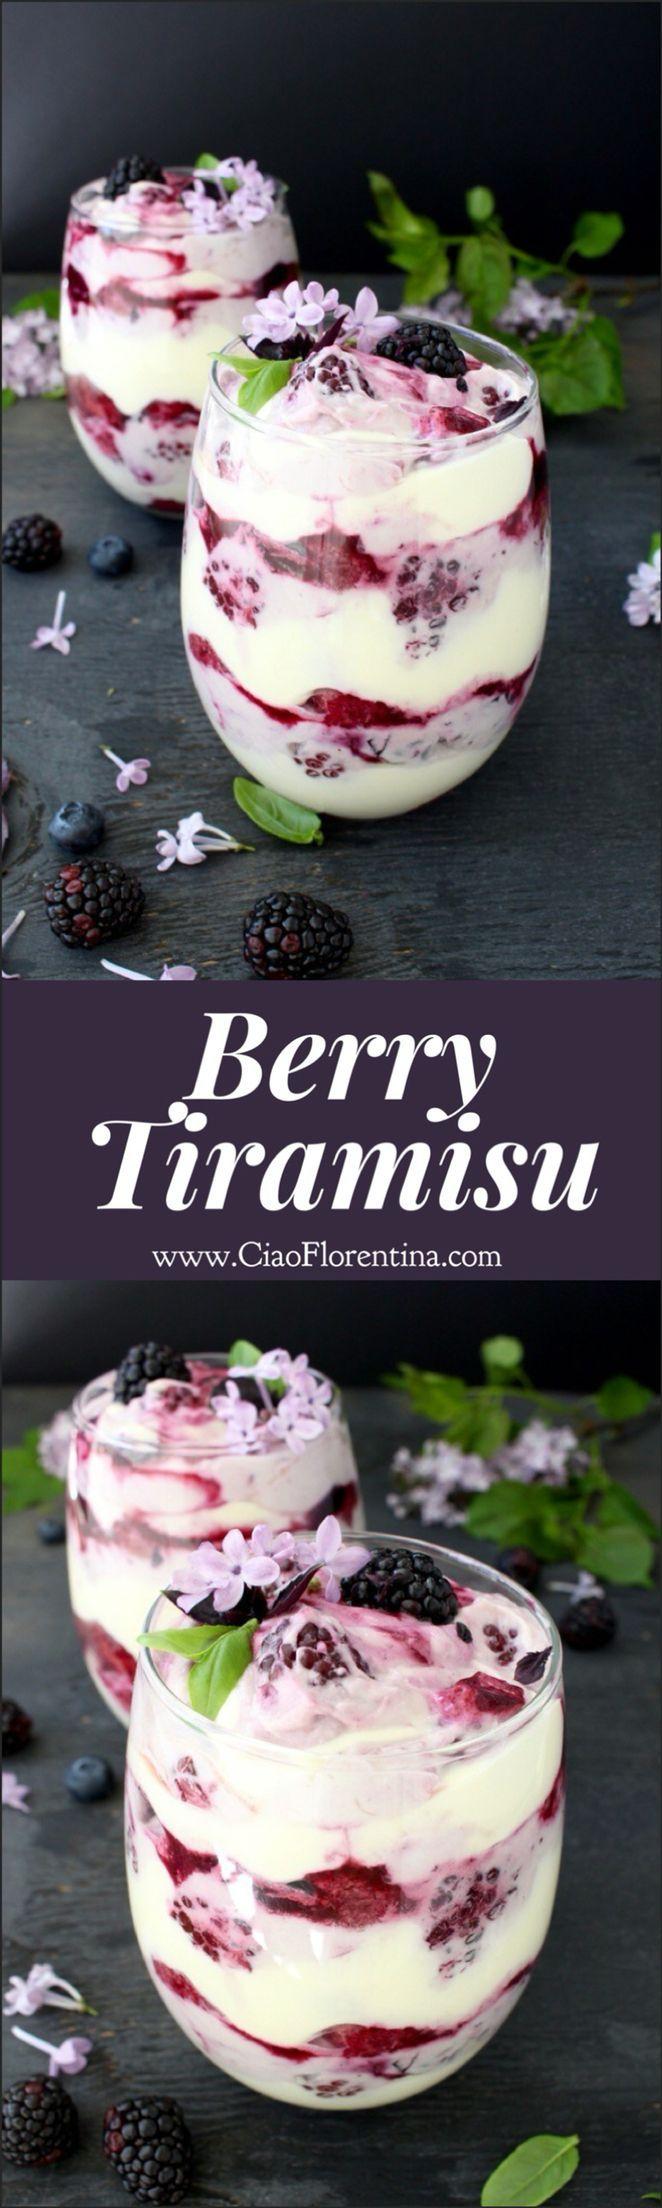 Berry Tiramisu Trifle Recipe | http://CiaoFlorentina.com @CiaoFlorentina